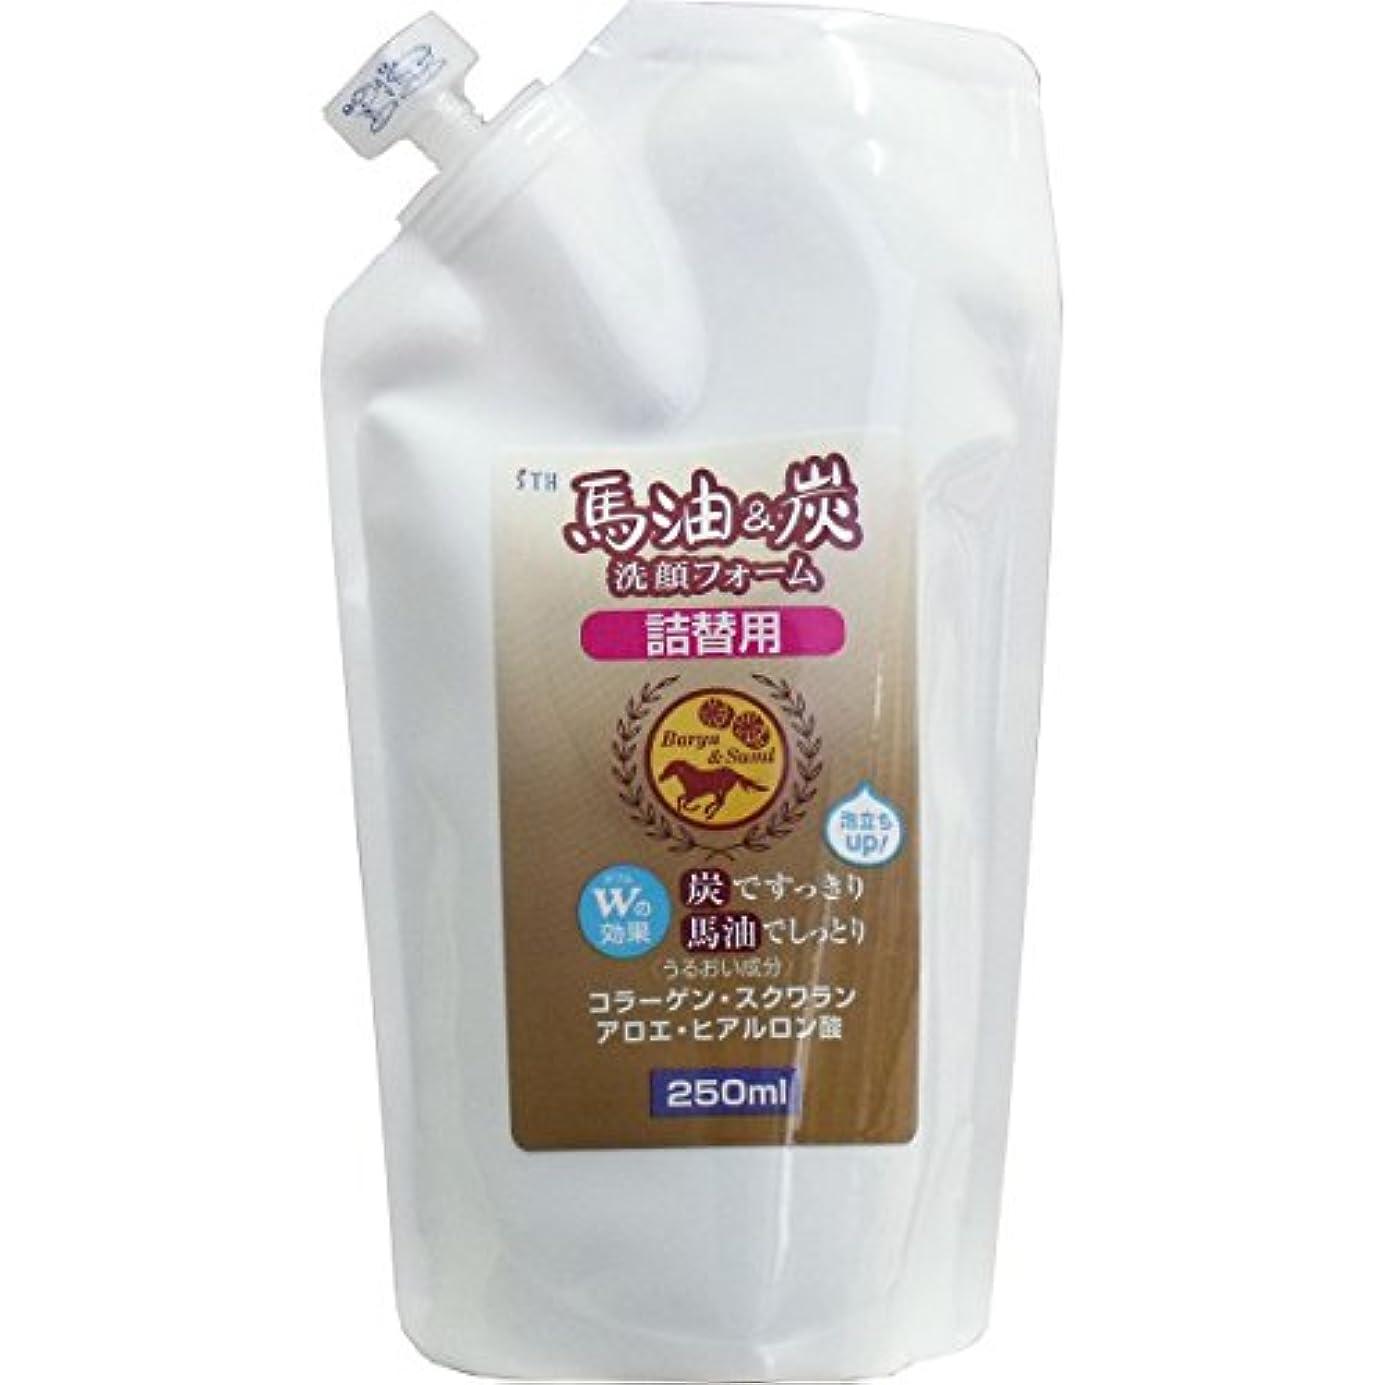 レンズ奇跡的な岸馬油&炭洗顔フォーム【詰替用250ml】×2袋